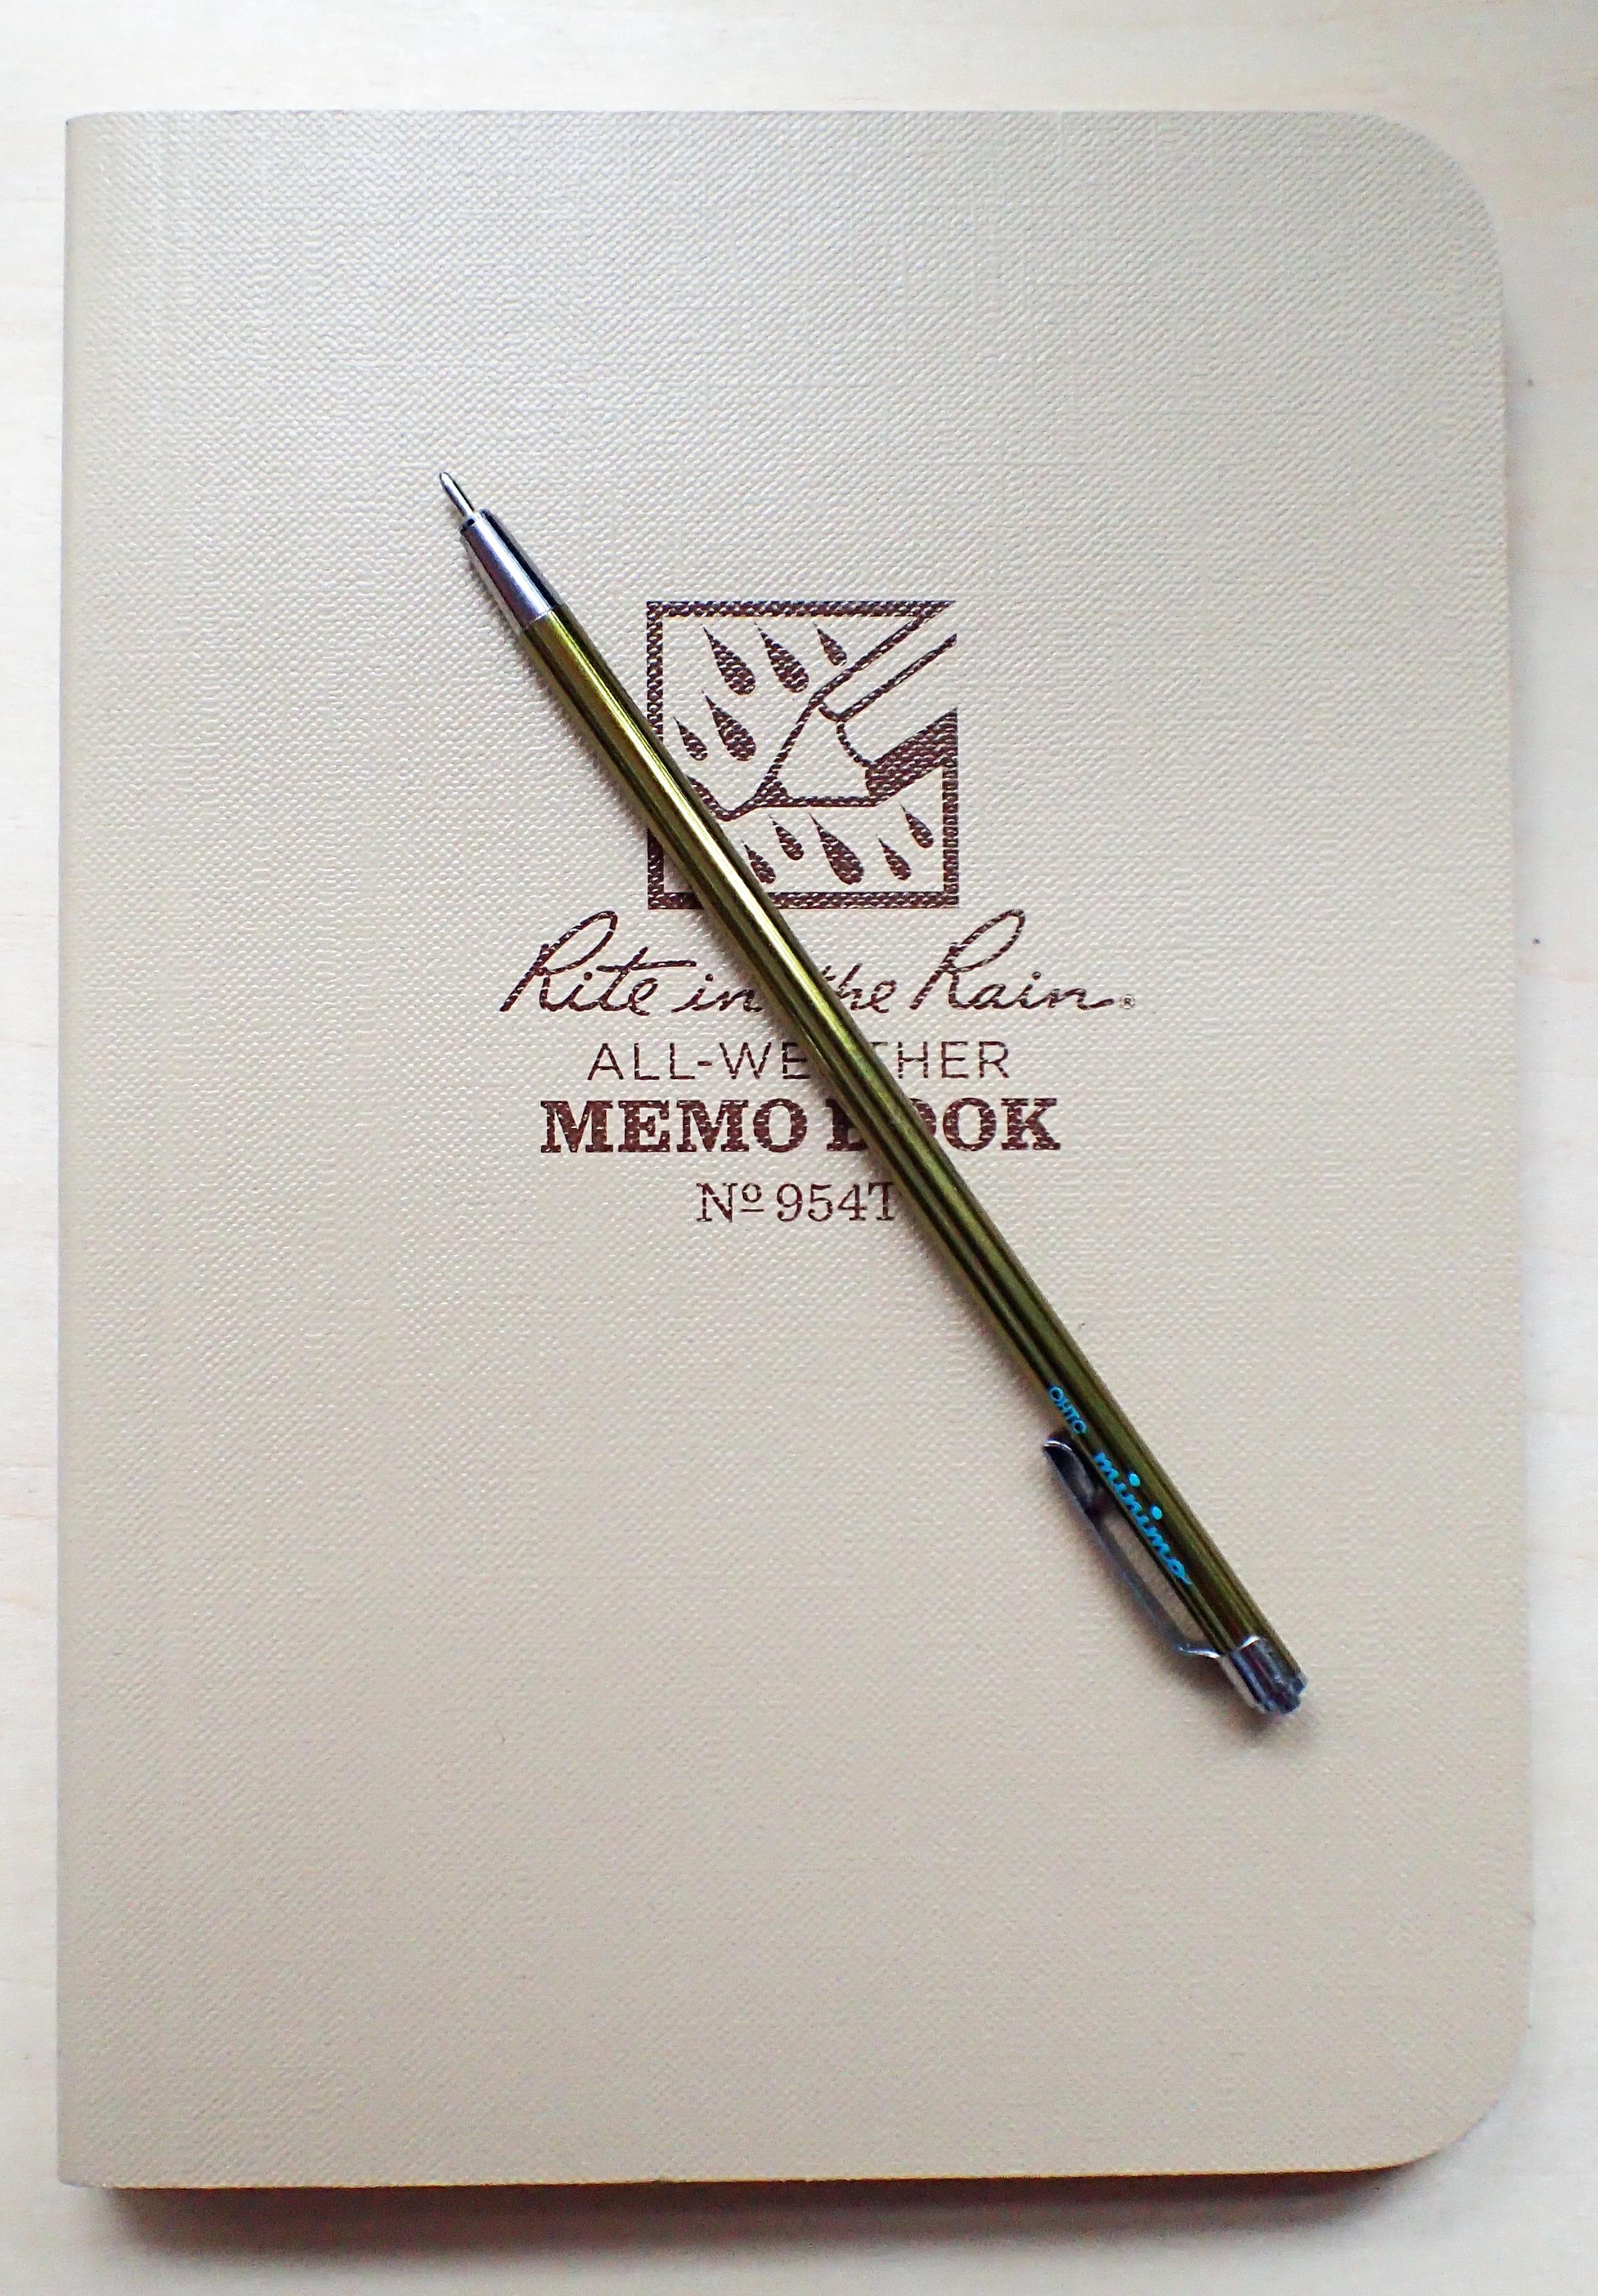 Ohto Minimo pen